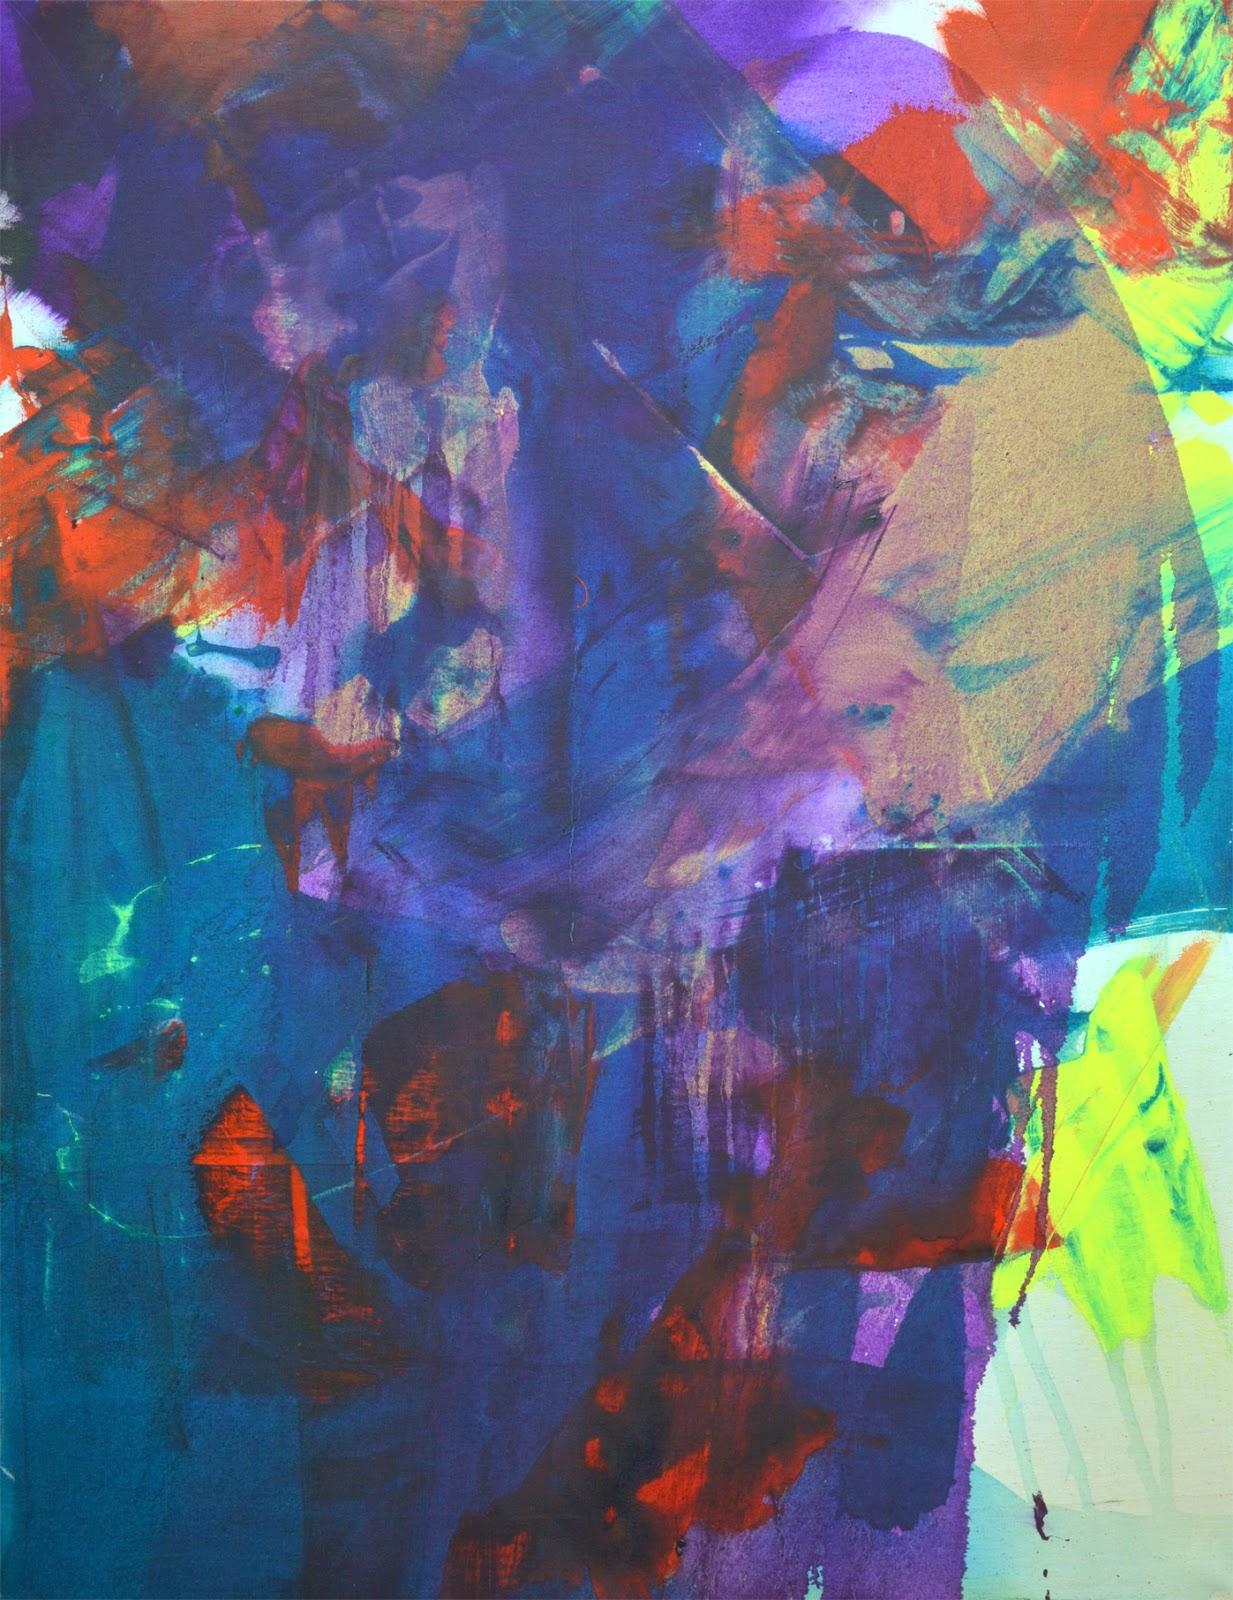 jean baptiste besançon artiste peintre bordeaux peinture